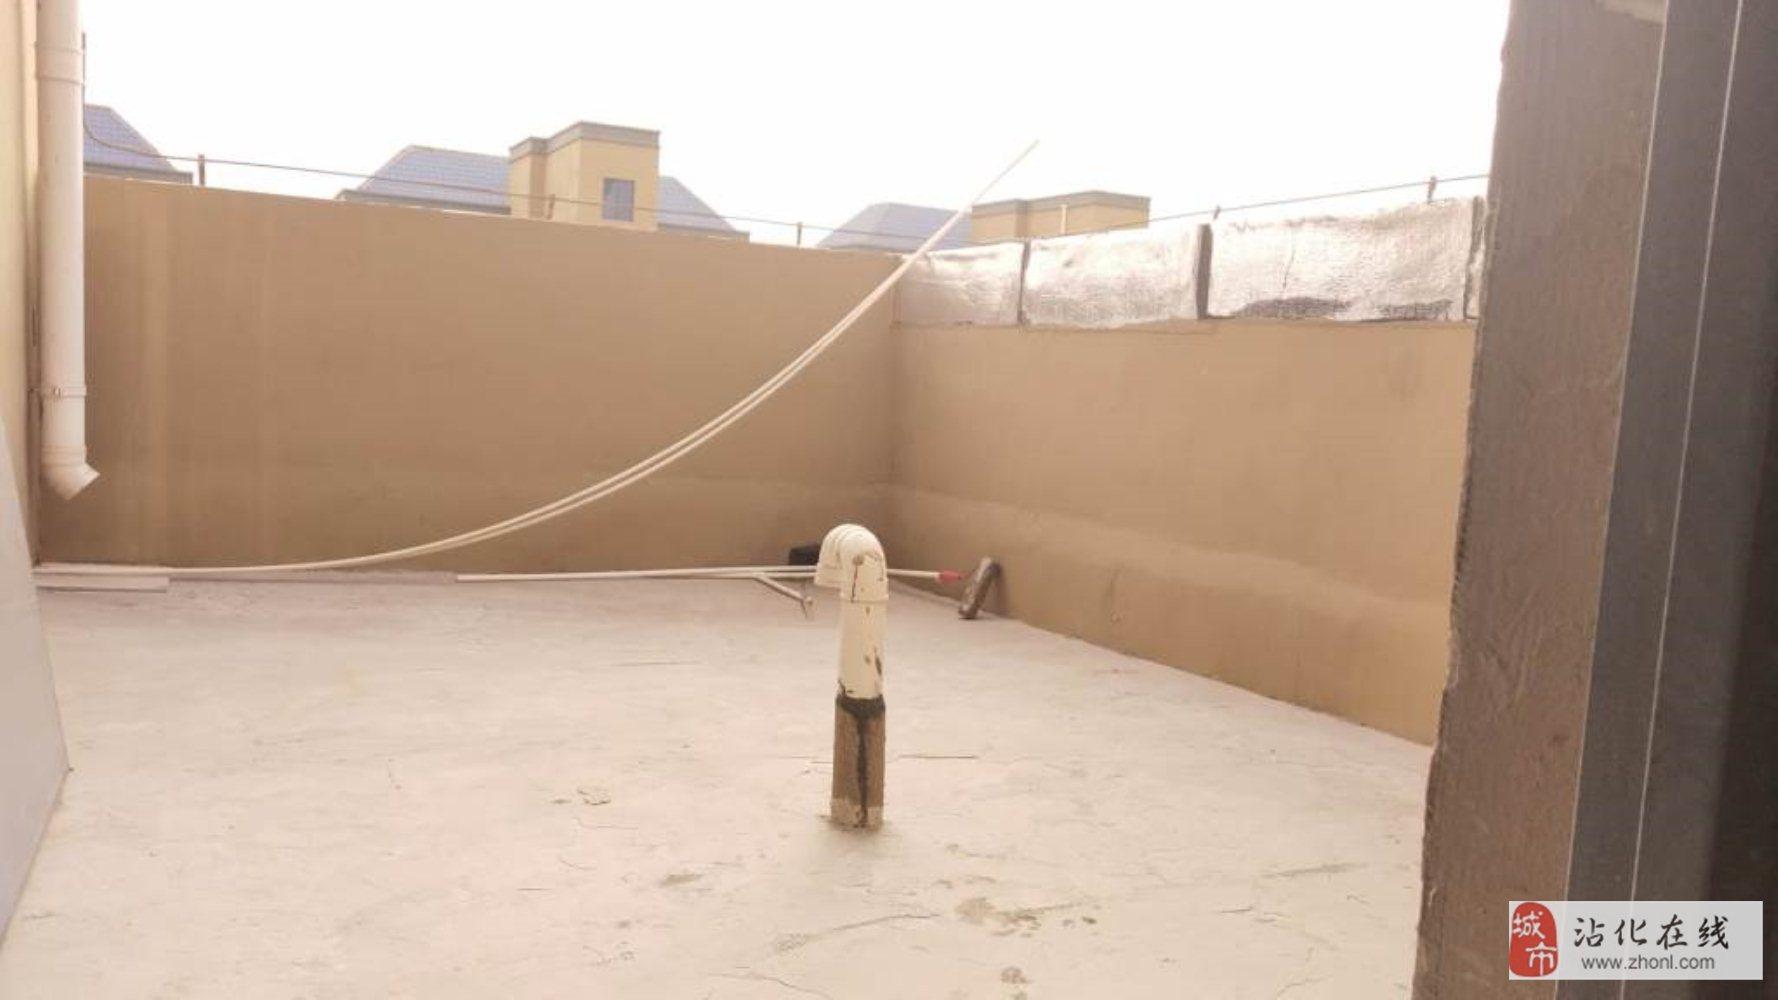 御景花園2室2廳1衛57萬元電梯房已鋪地磚